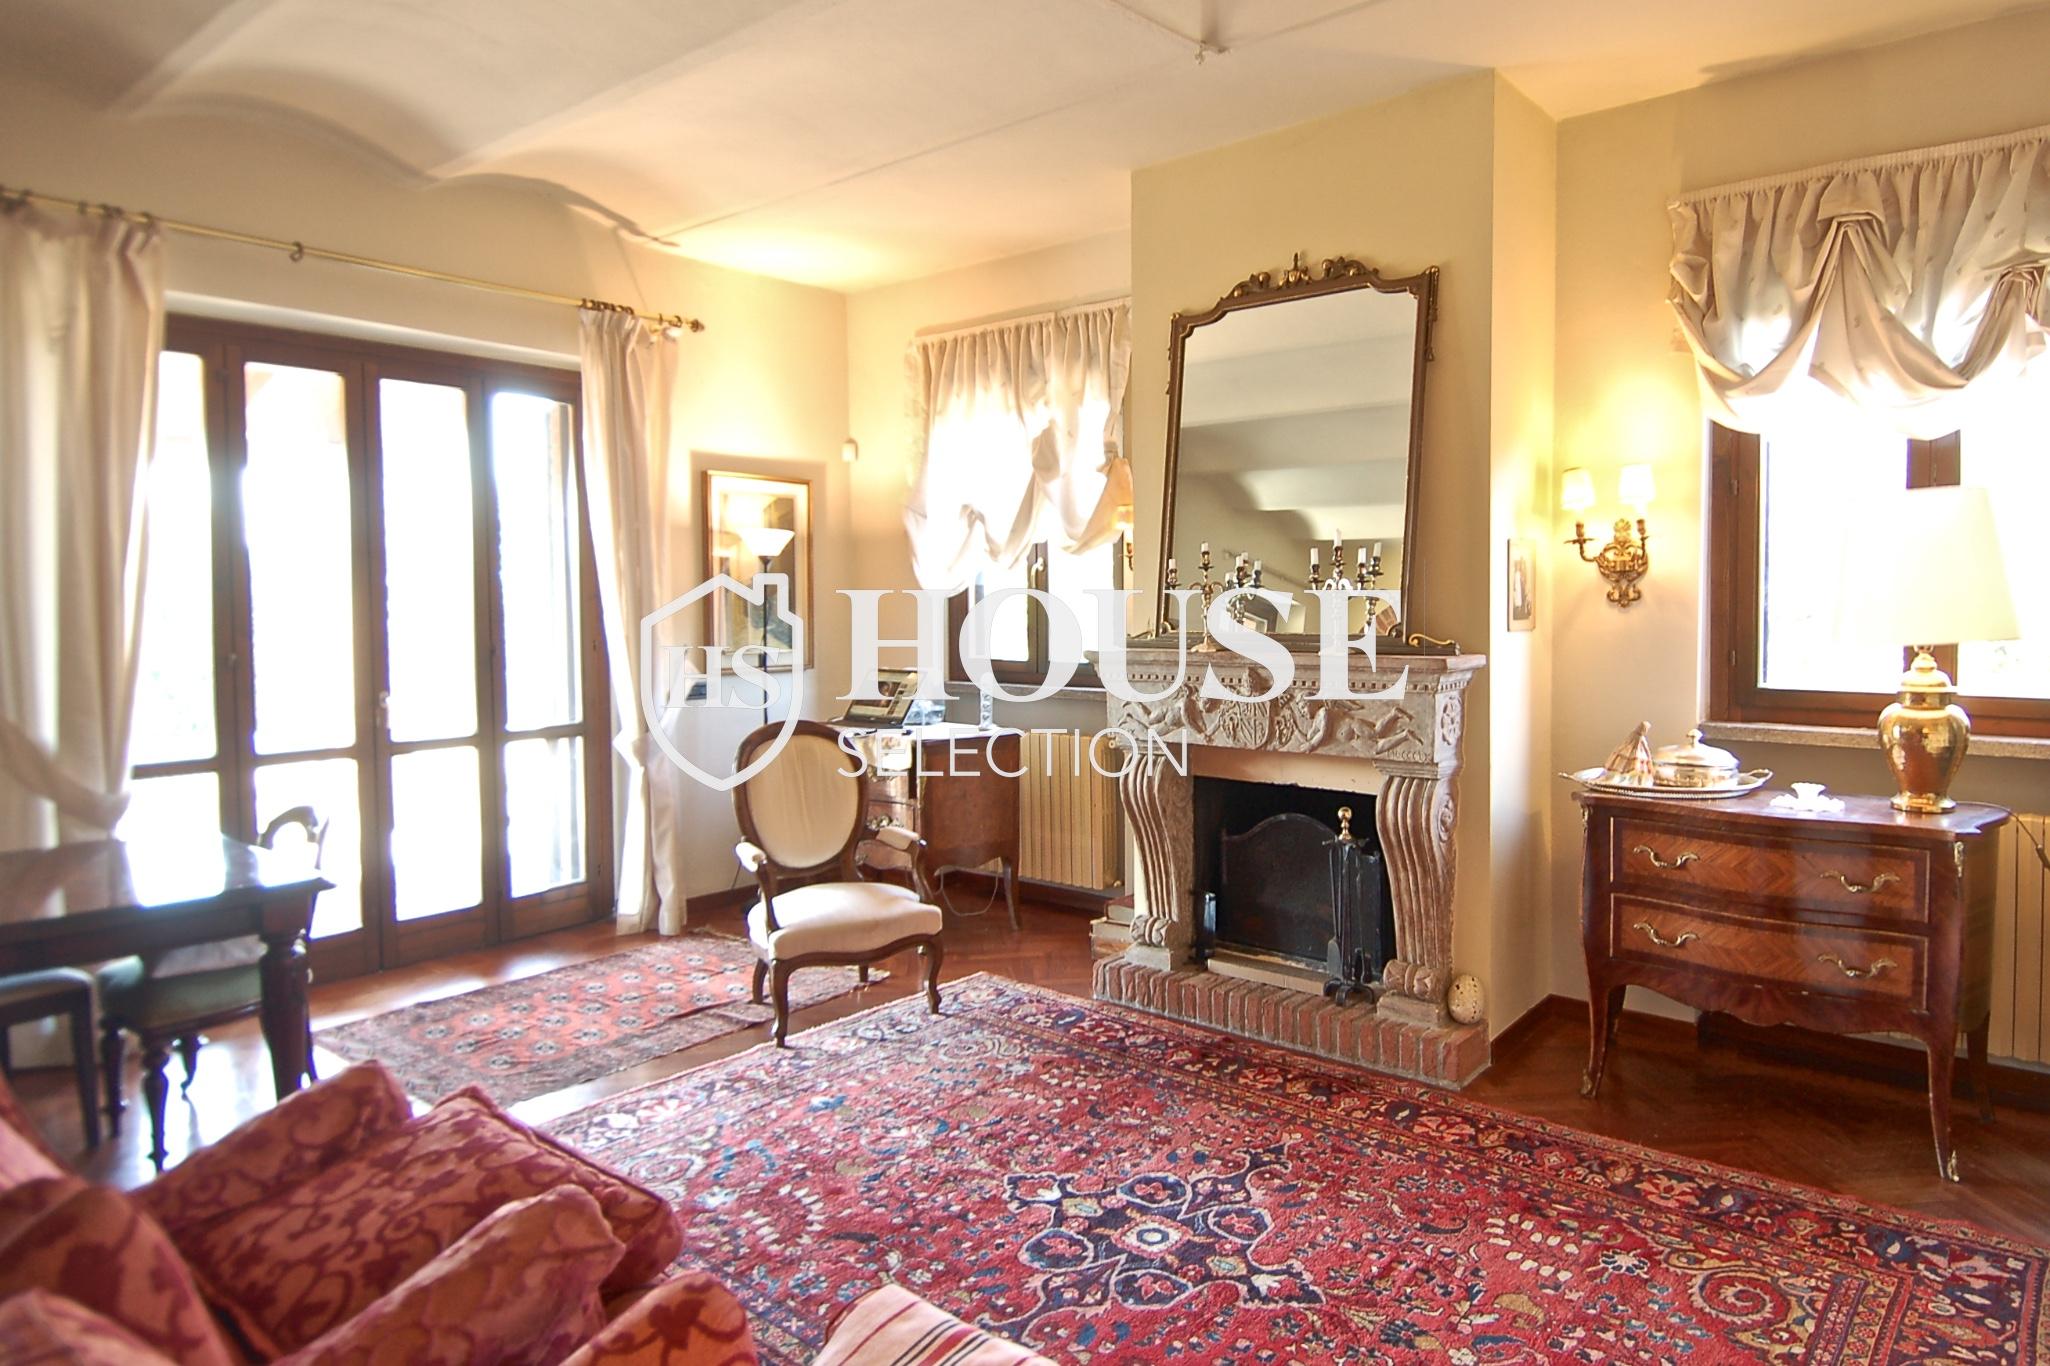 Affitto villa Basiglio, con giardino, ristrutturata, aria condizionata, corte interna, box auto, Milano 3